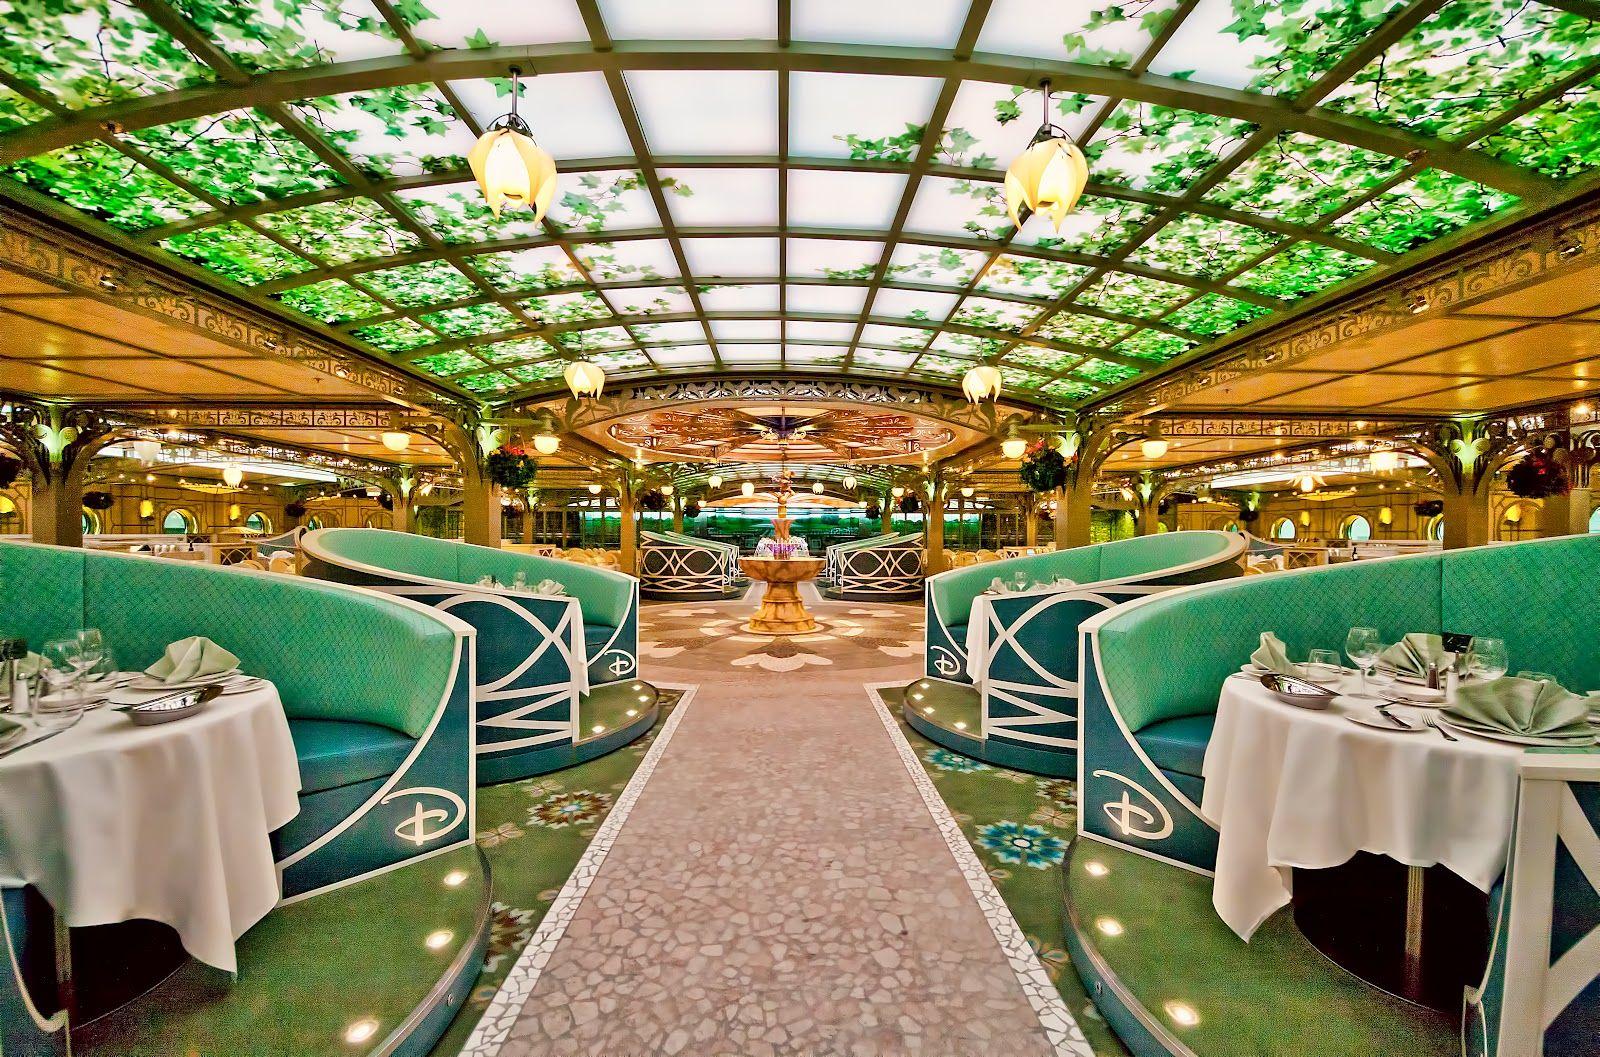 Enchanted Garden: Enchanted Garden Restaurant On The Disney Fantasy